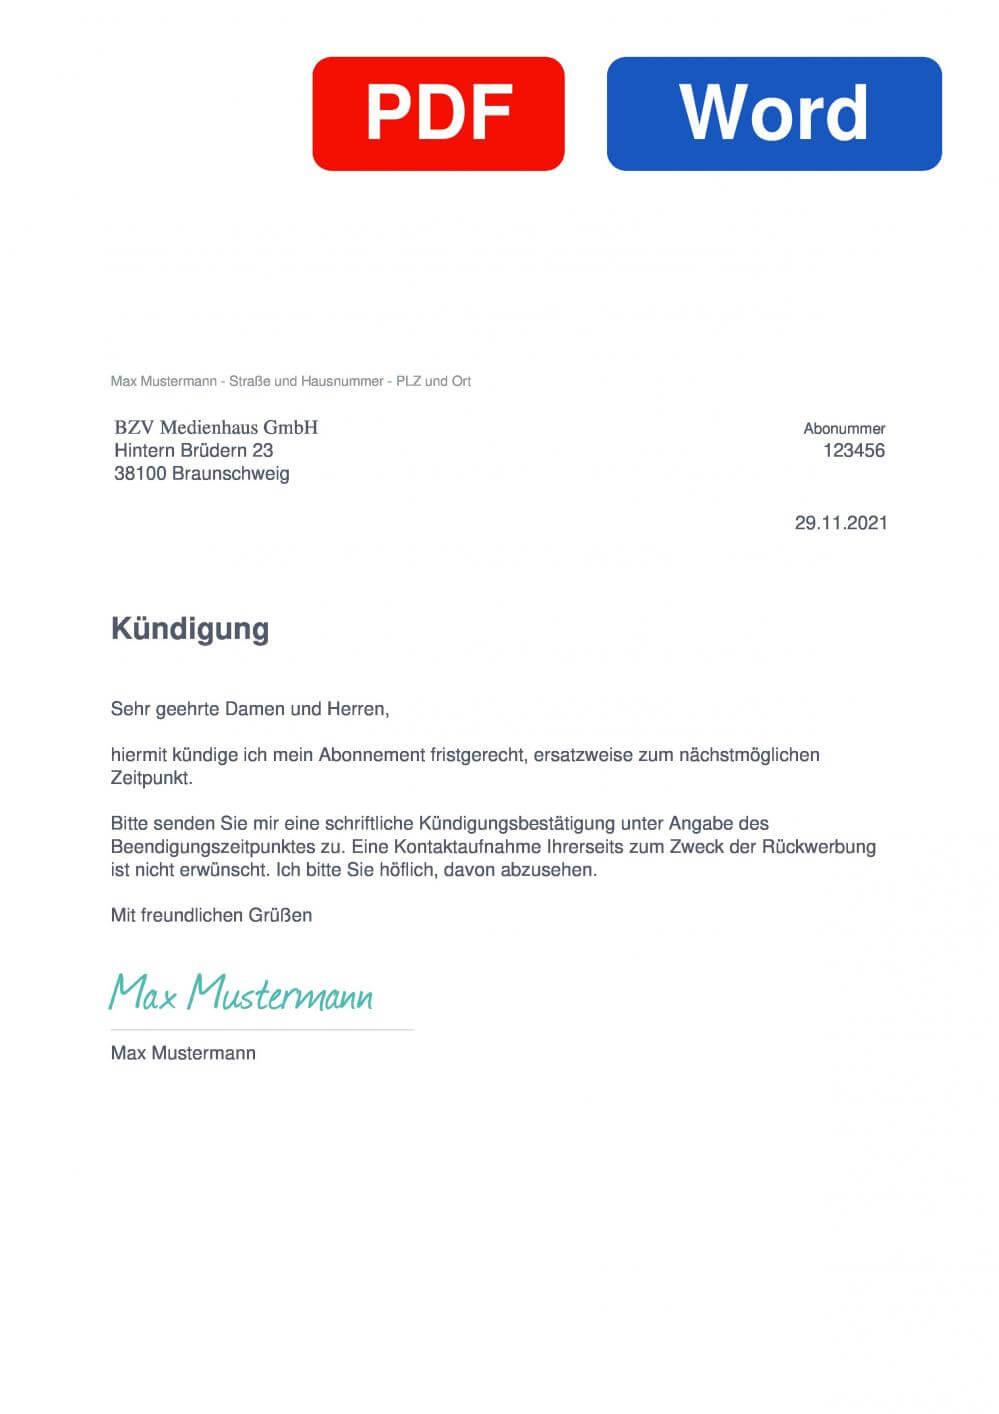 Braunschweiger Zeitung Muster Vorlage für Kündigungsschreiben